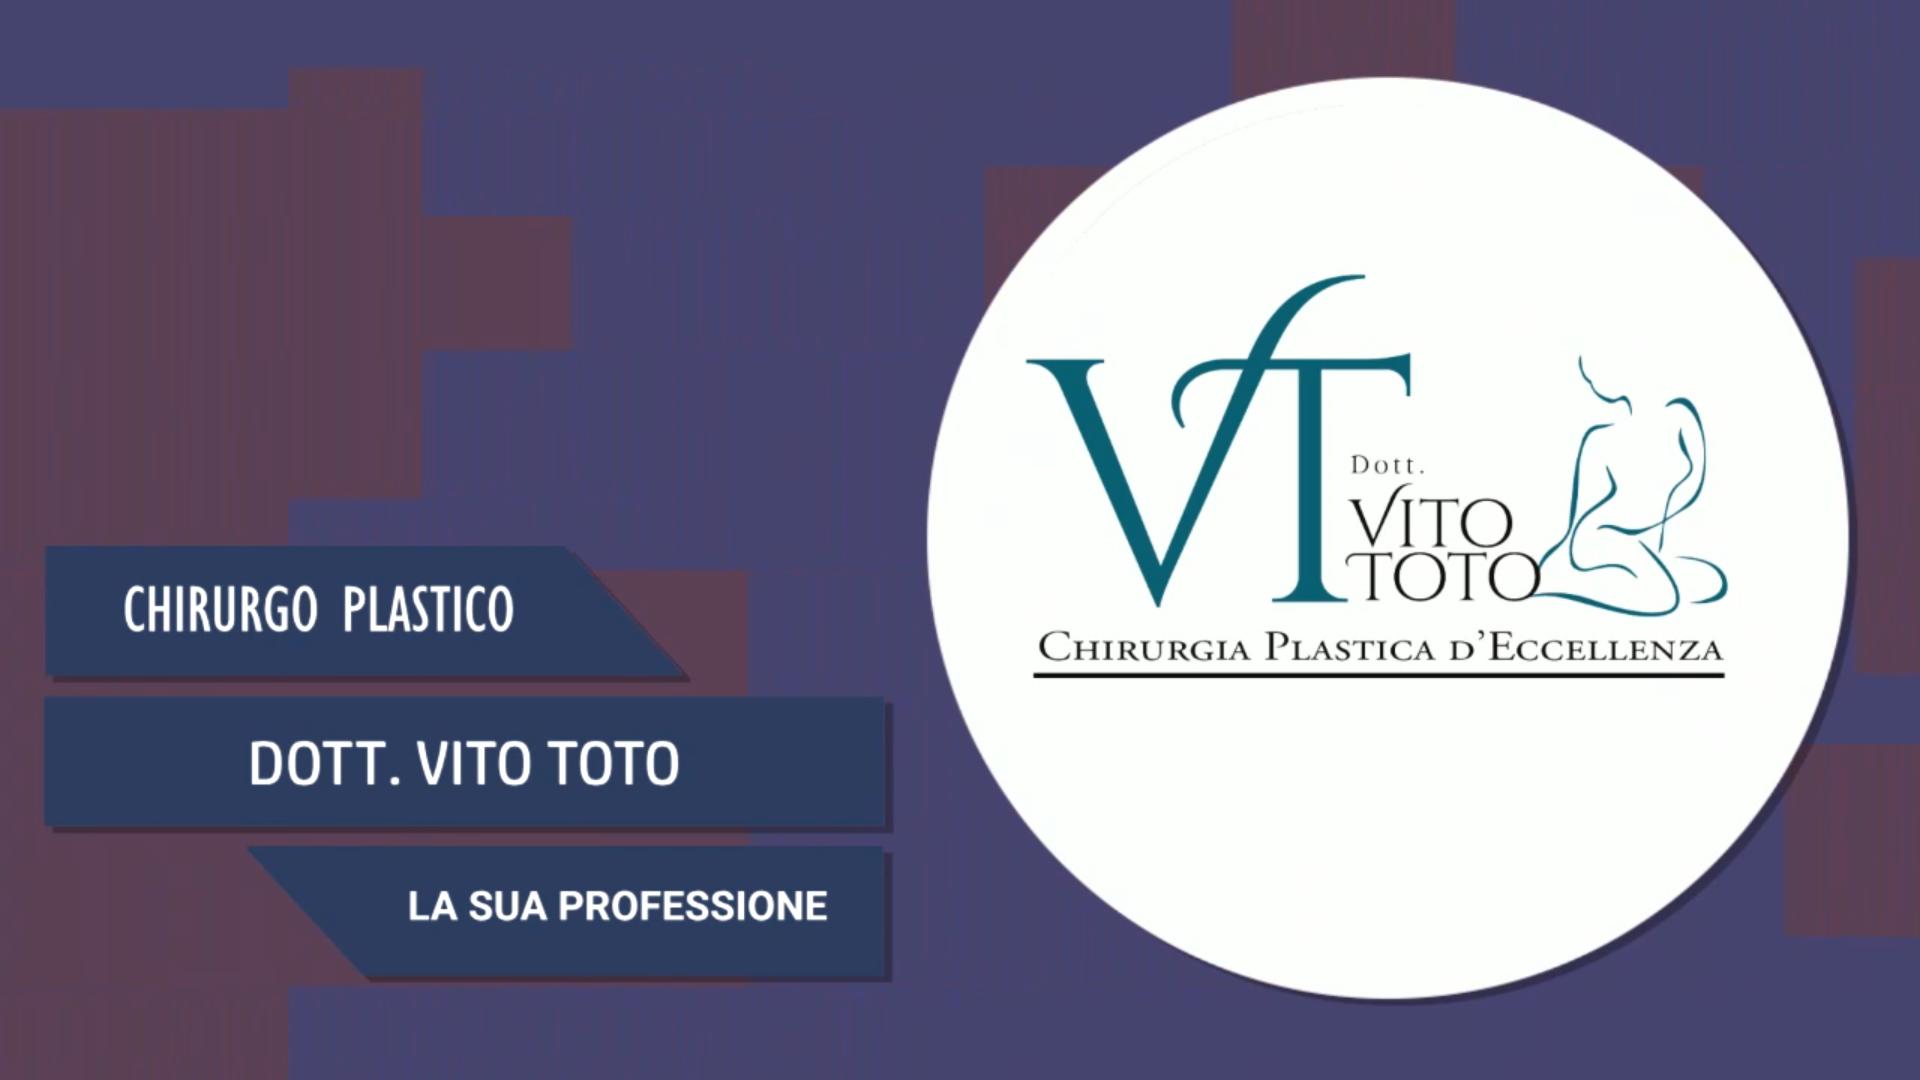 Intervista al Dott. Vito Toto – La sua professione